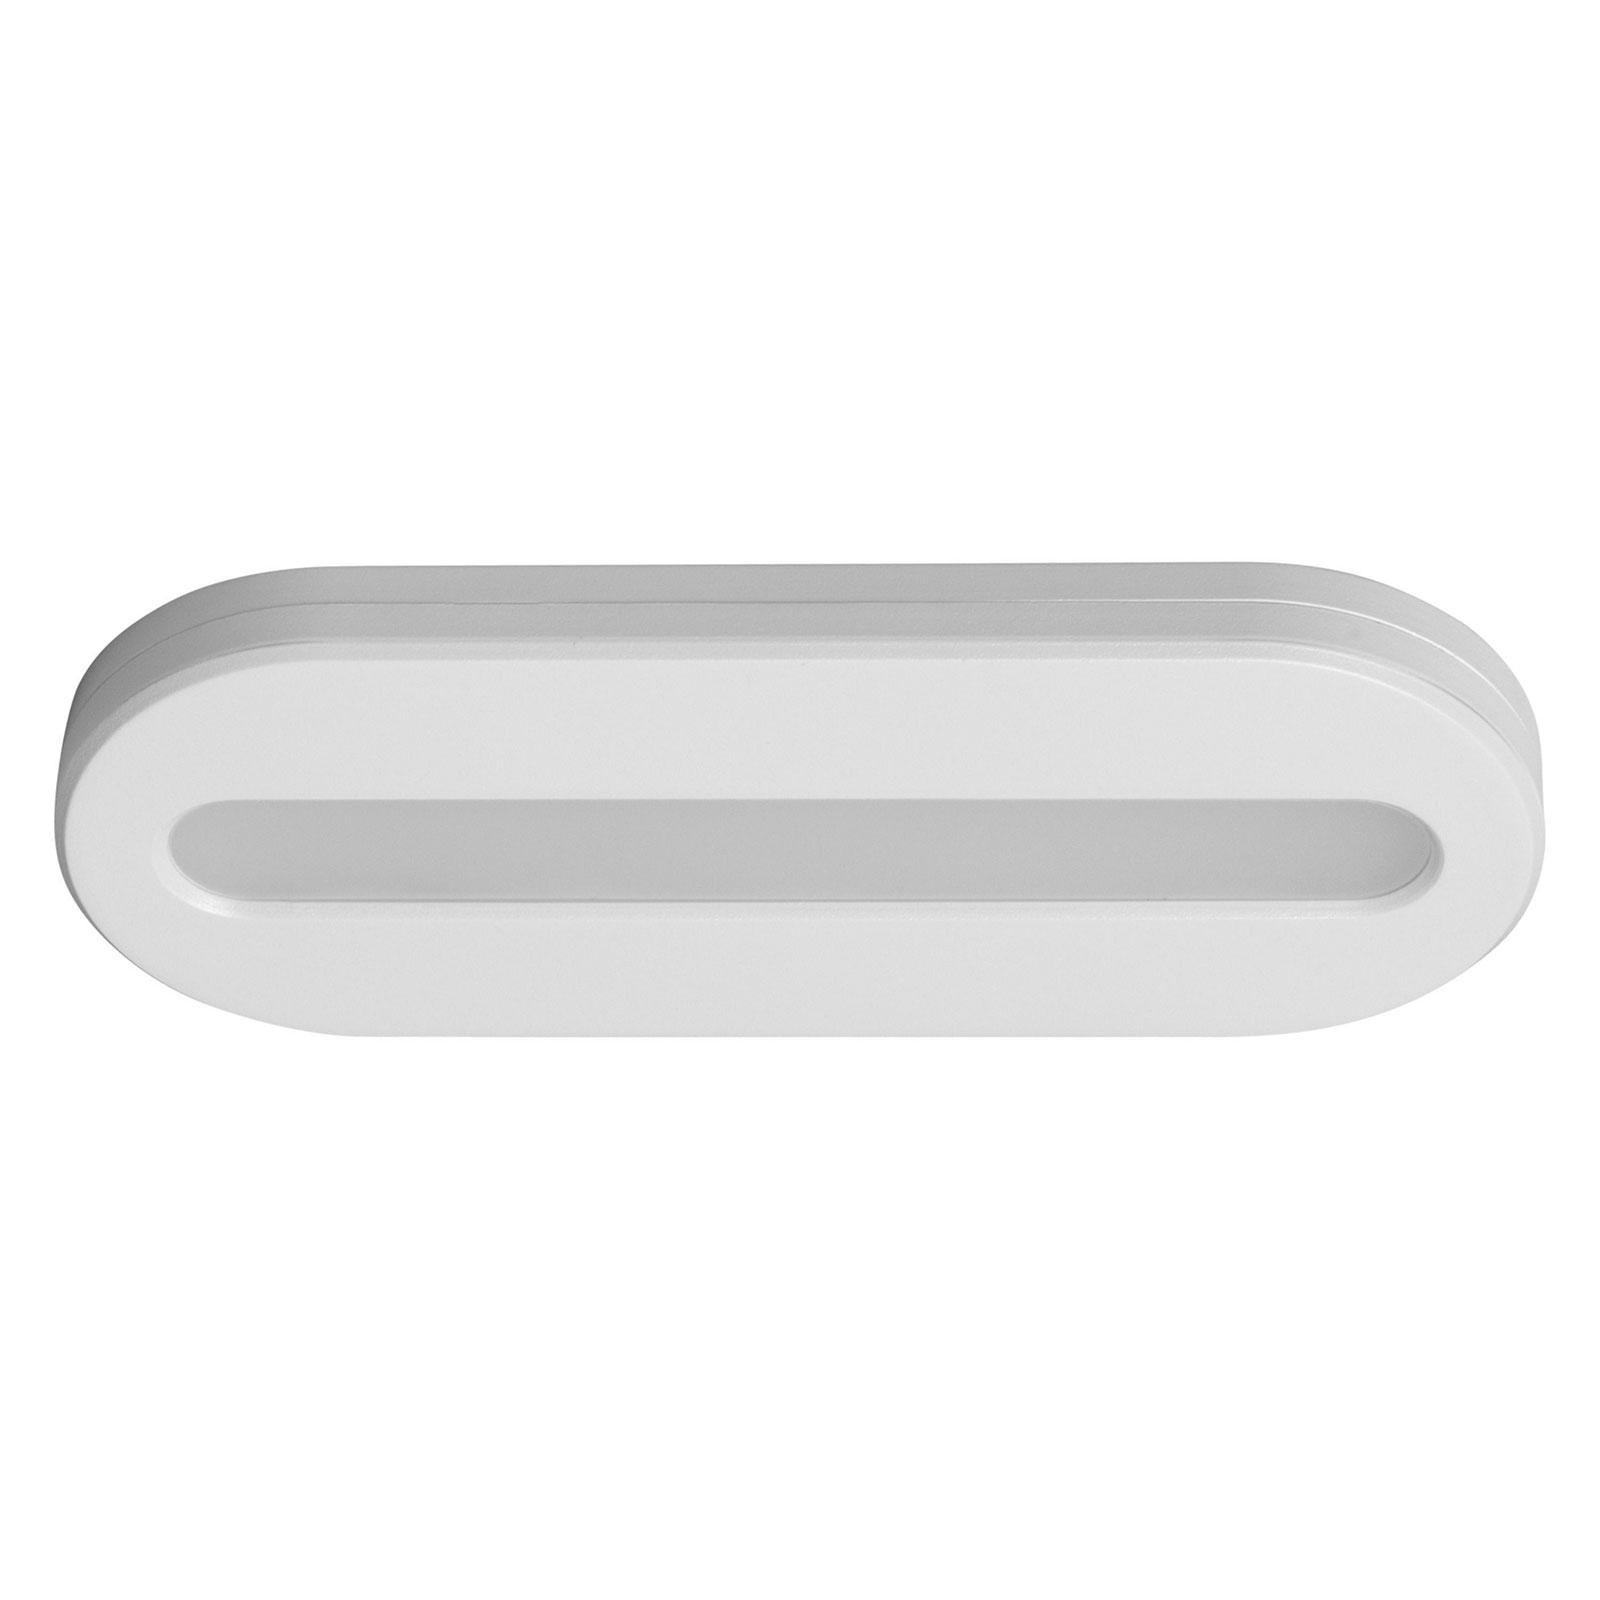 LEDVANCE Linear Mobile lampada mobili USB sensore